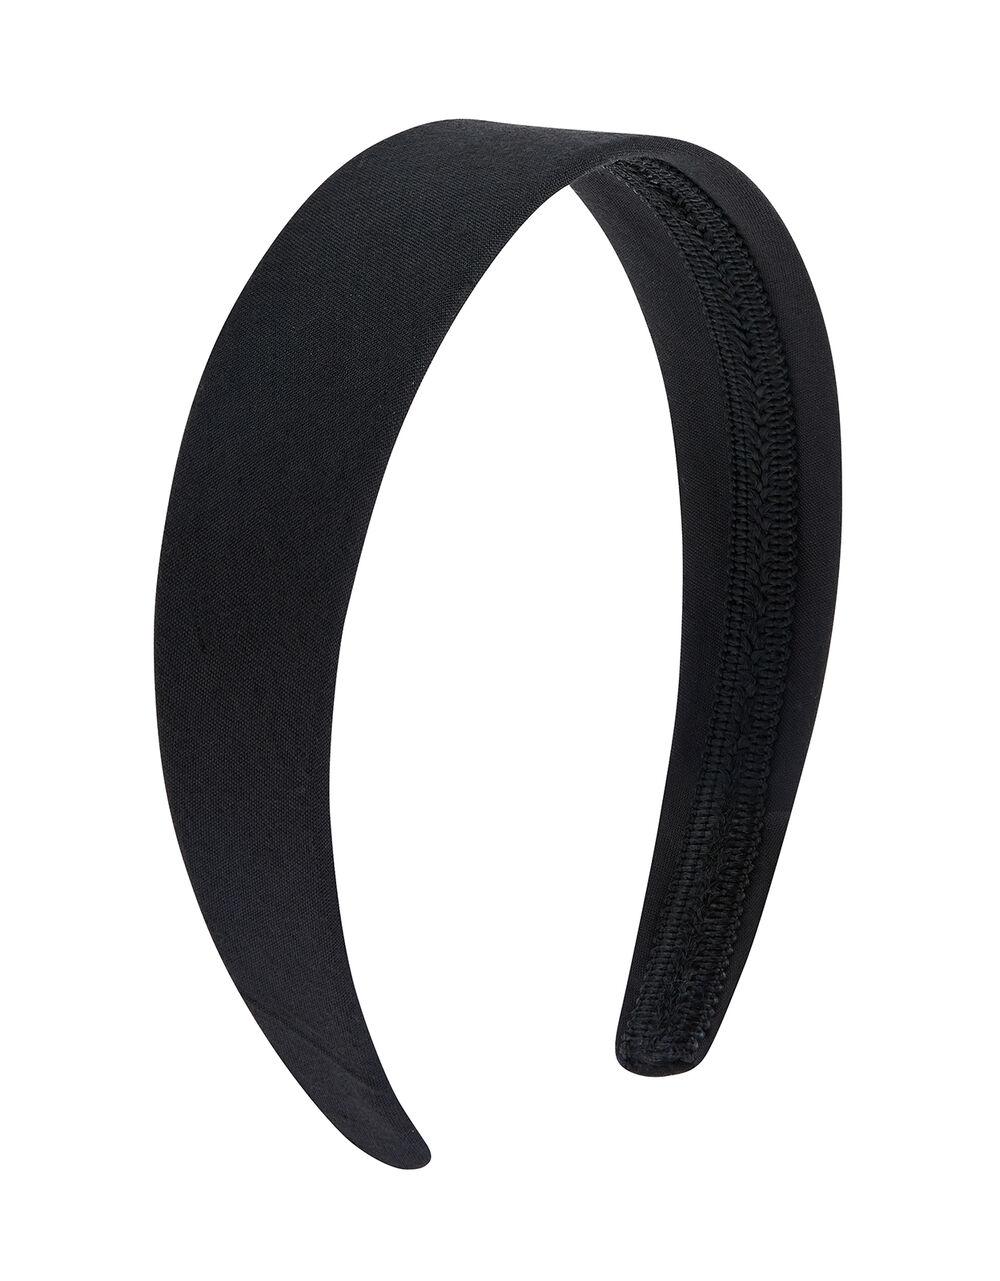 Wide Simple Headband, , large